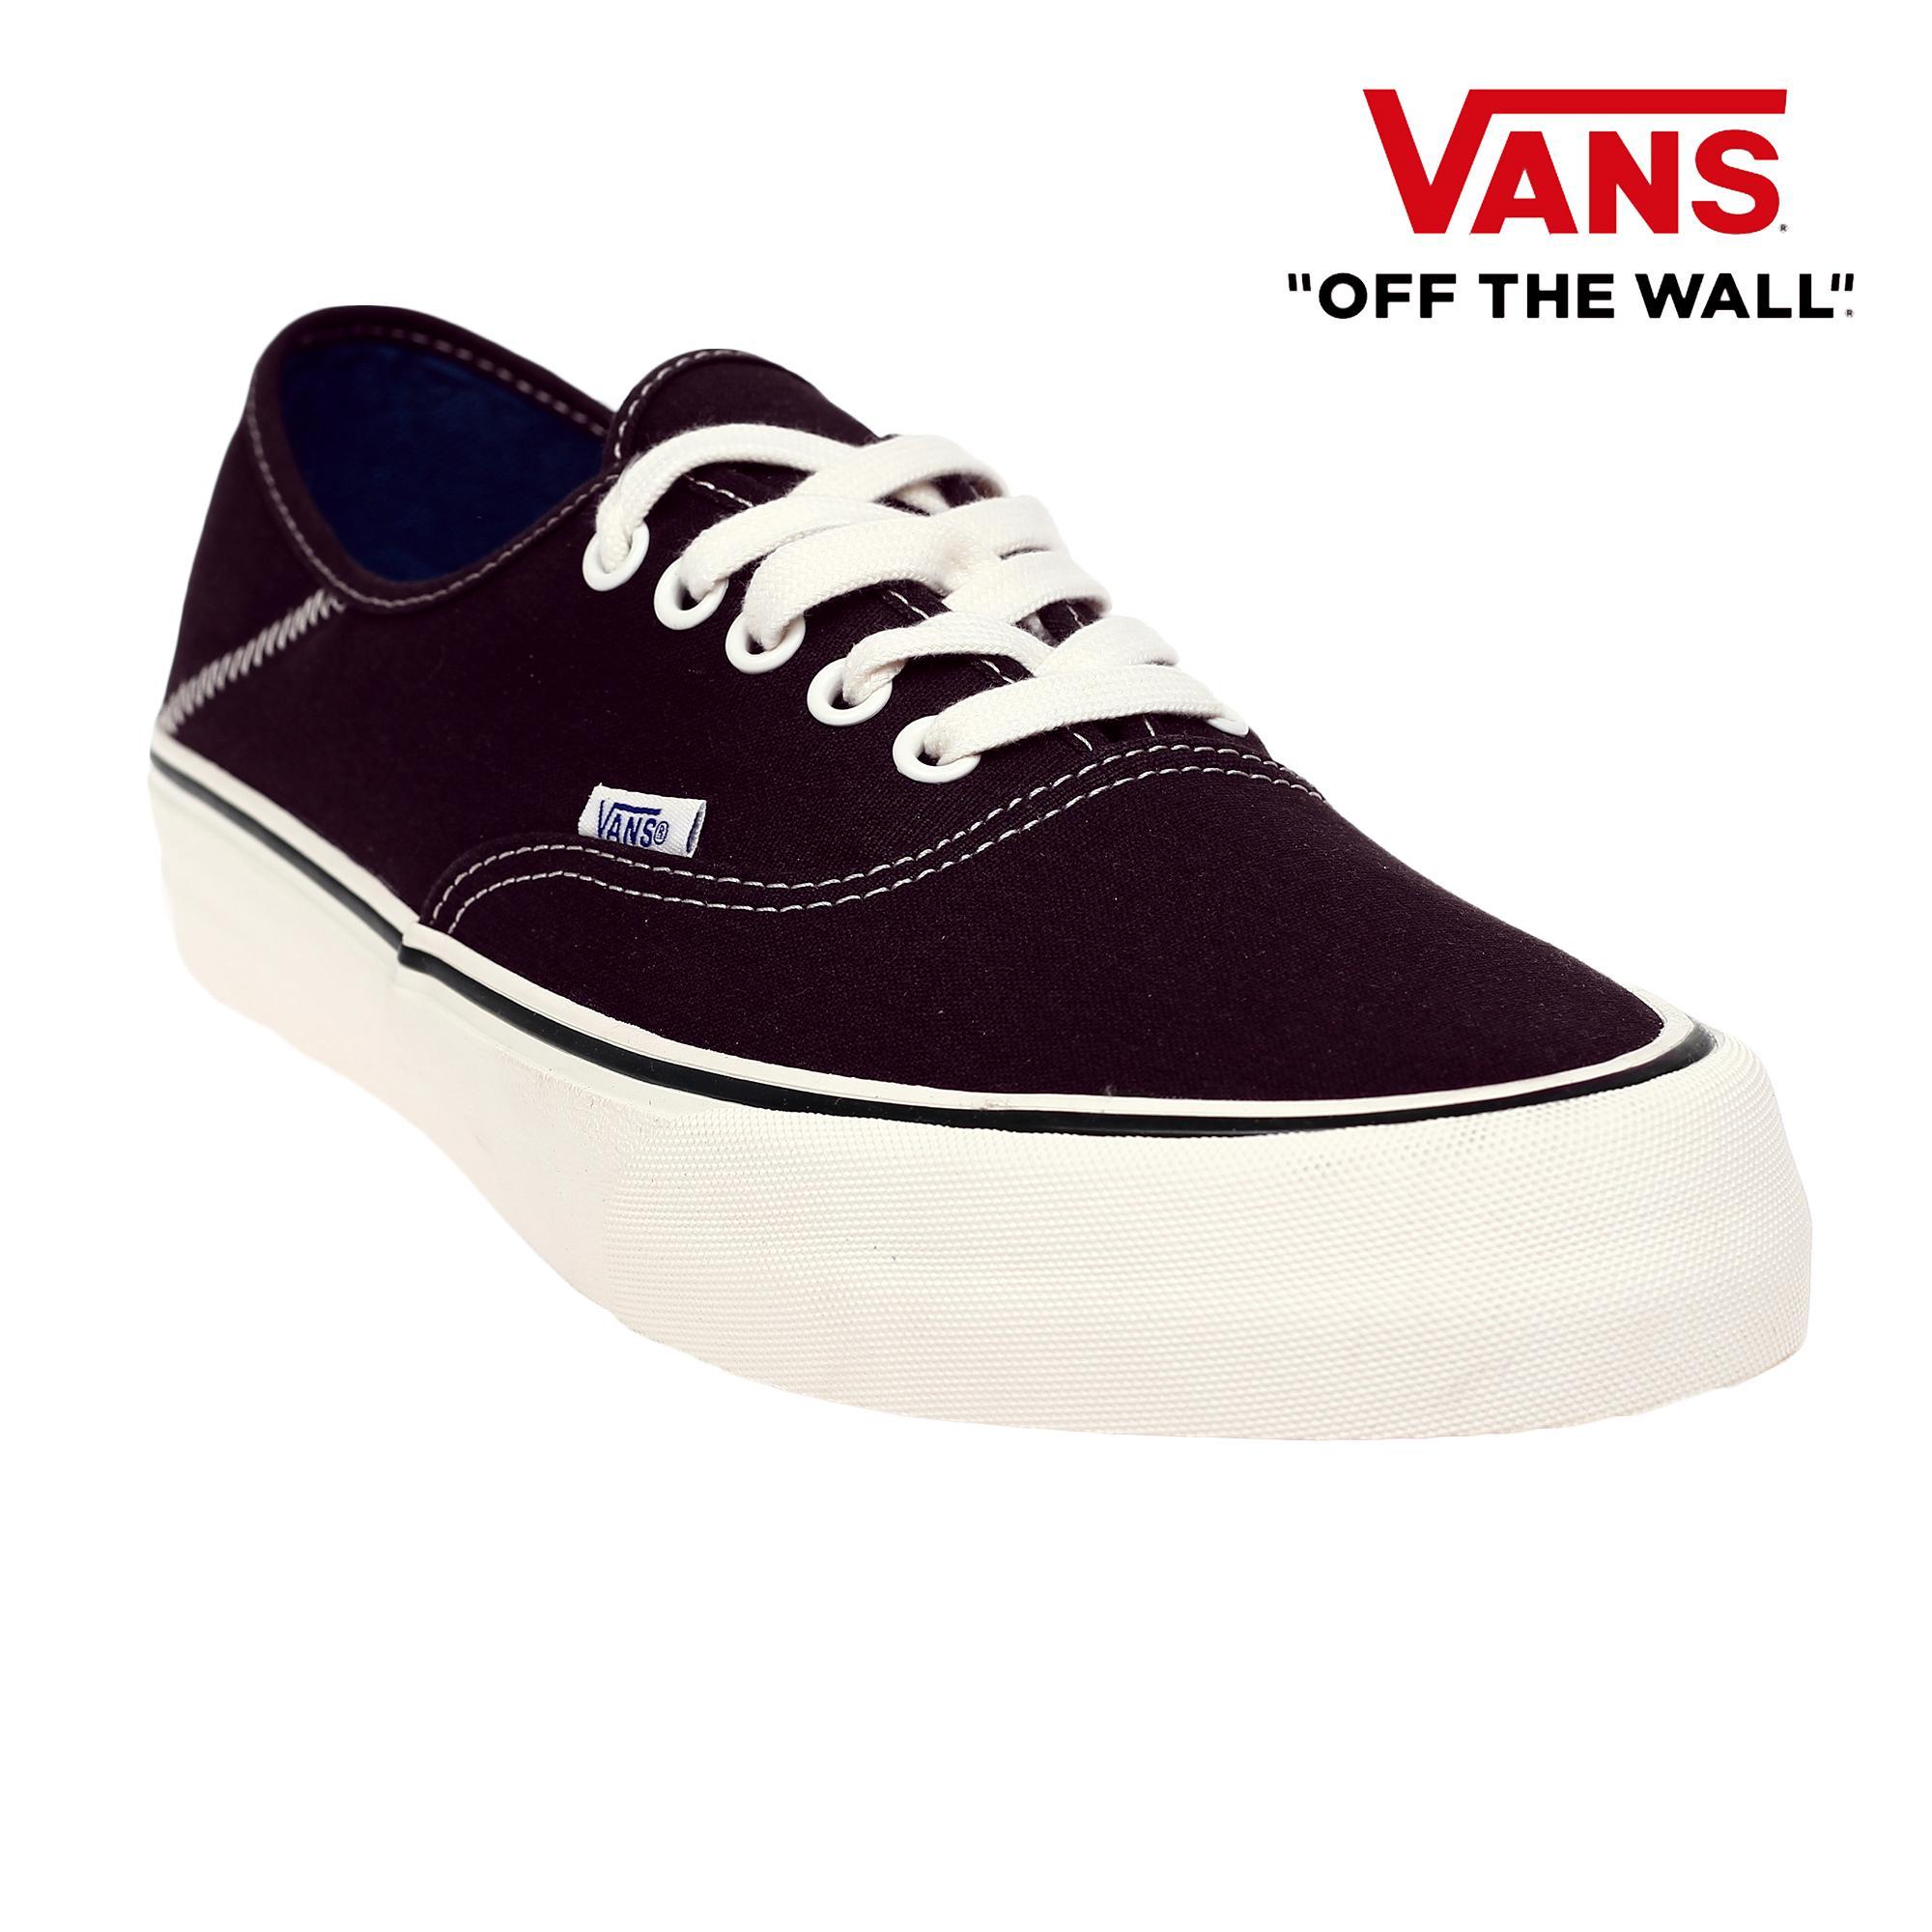 30c3a04bc3b0 Vans Shoes for Men Philippines - Vans Men s Shoes for sale - prices ...